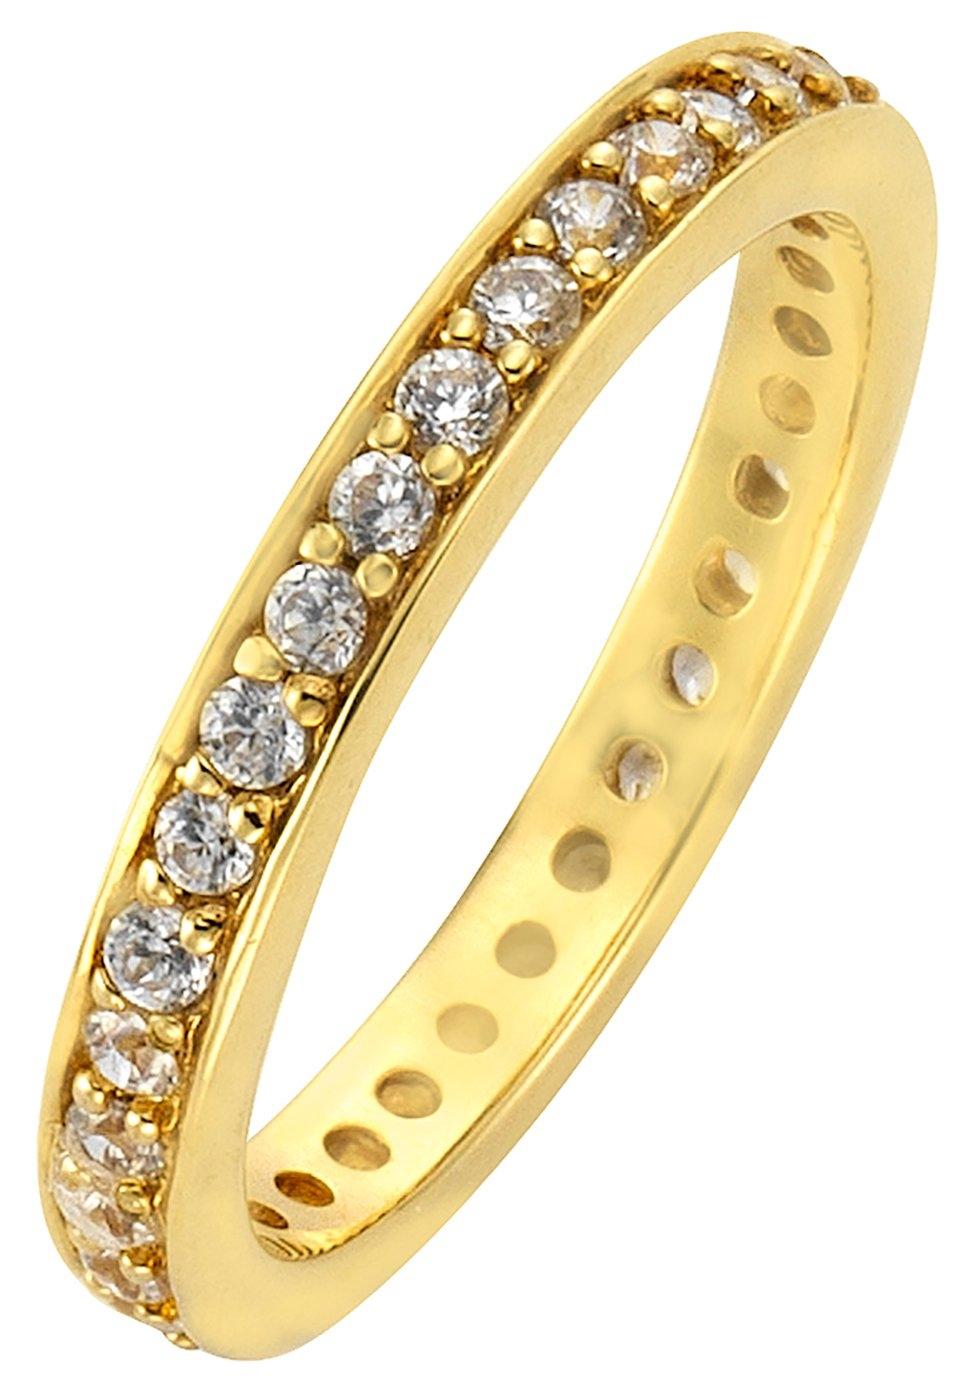 Op zoek naar een Firetti zilveren ring Memoire, chic, verguld, glans-look, massief met zirkoon? Koop online bij OTTO